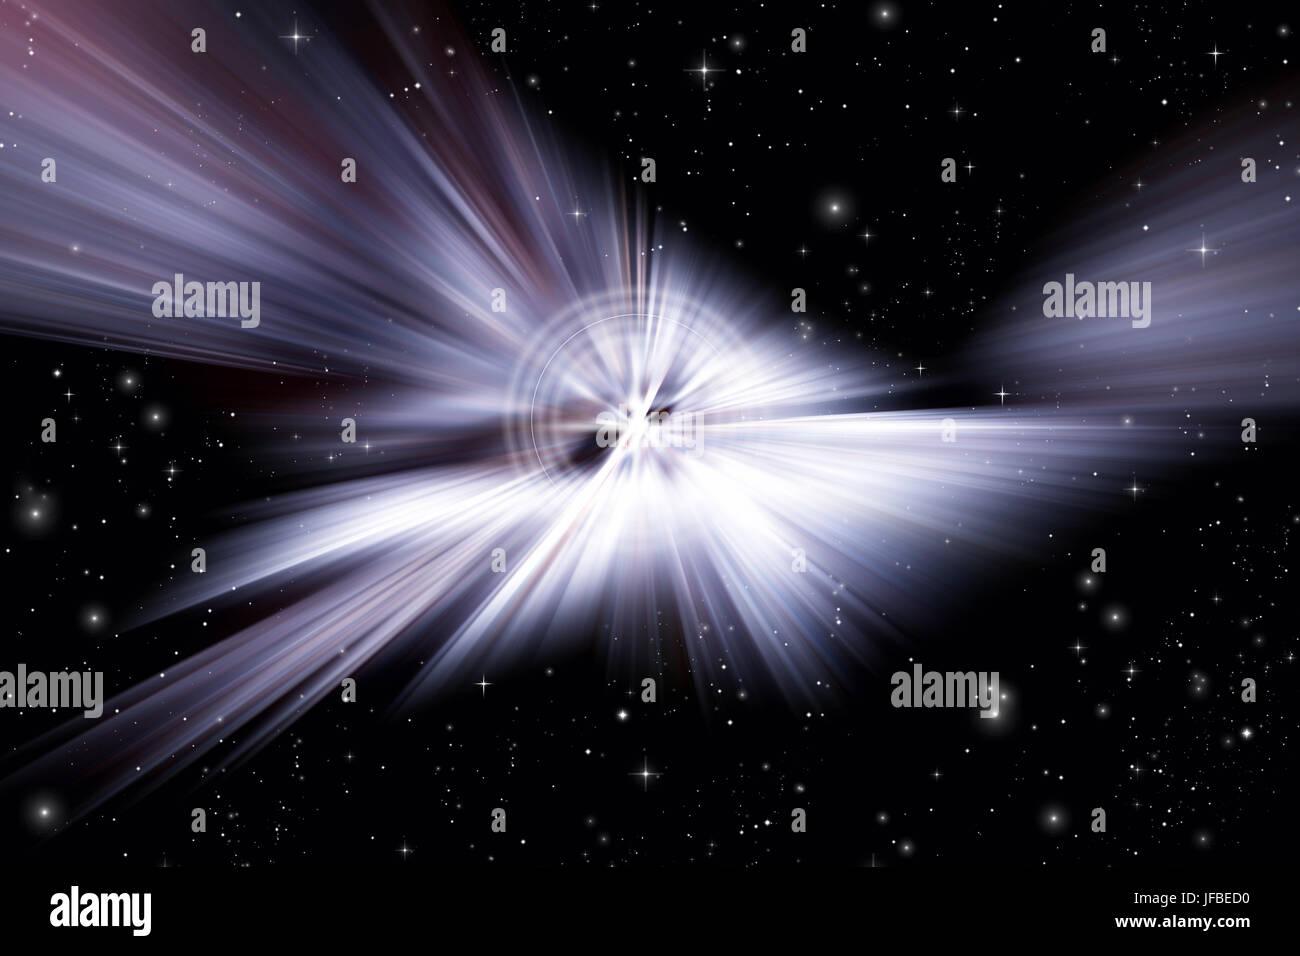 starburst - Stock Image